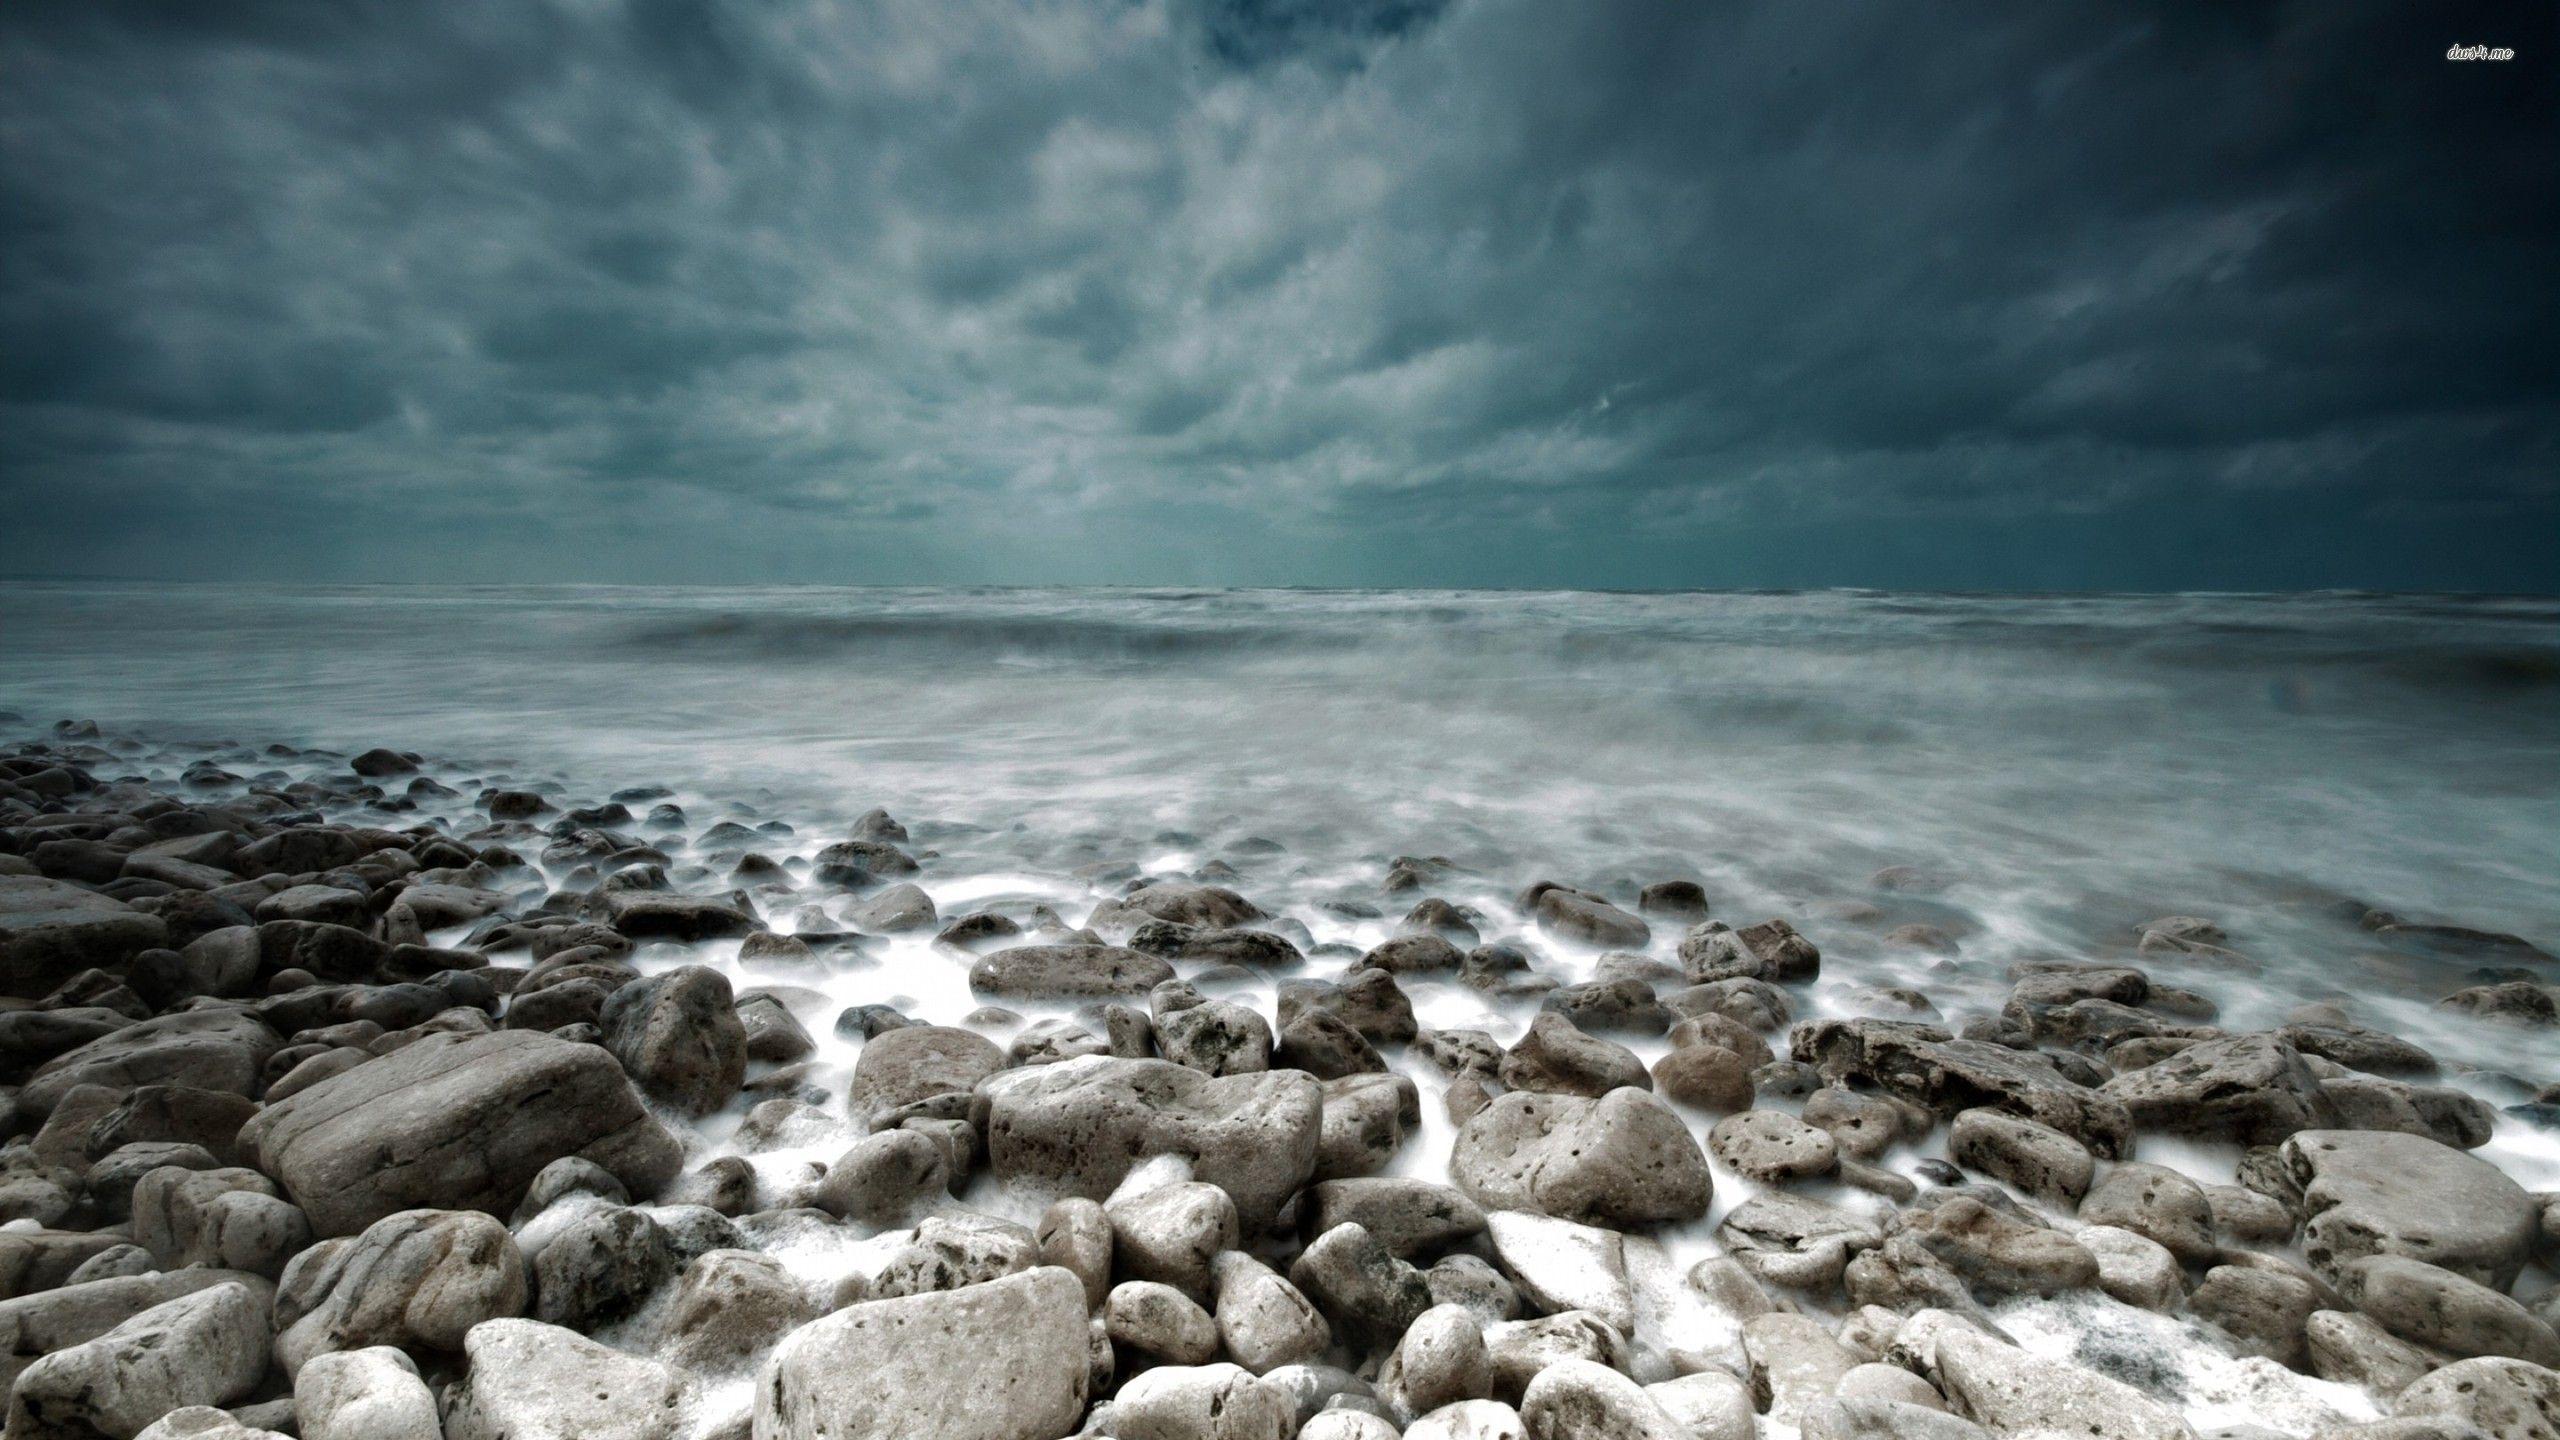 Beach Thunderstorm Wallpaper: Storm-brewing-over-the-rocky-beach-wallpaper-wallpapers